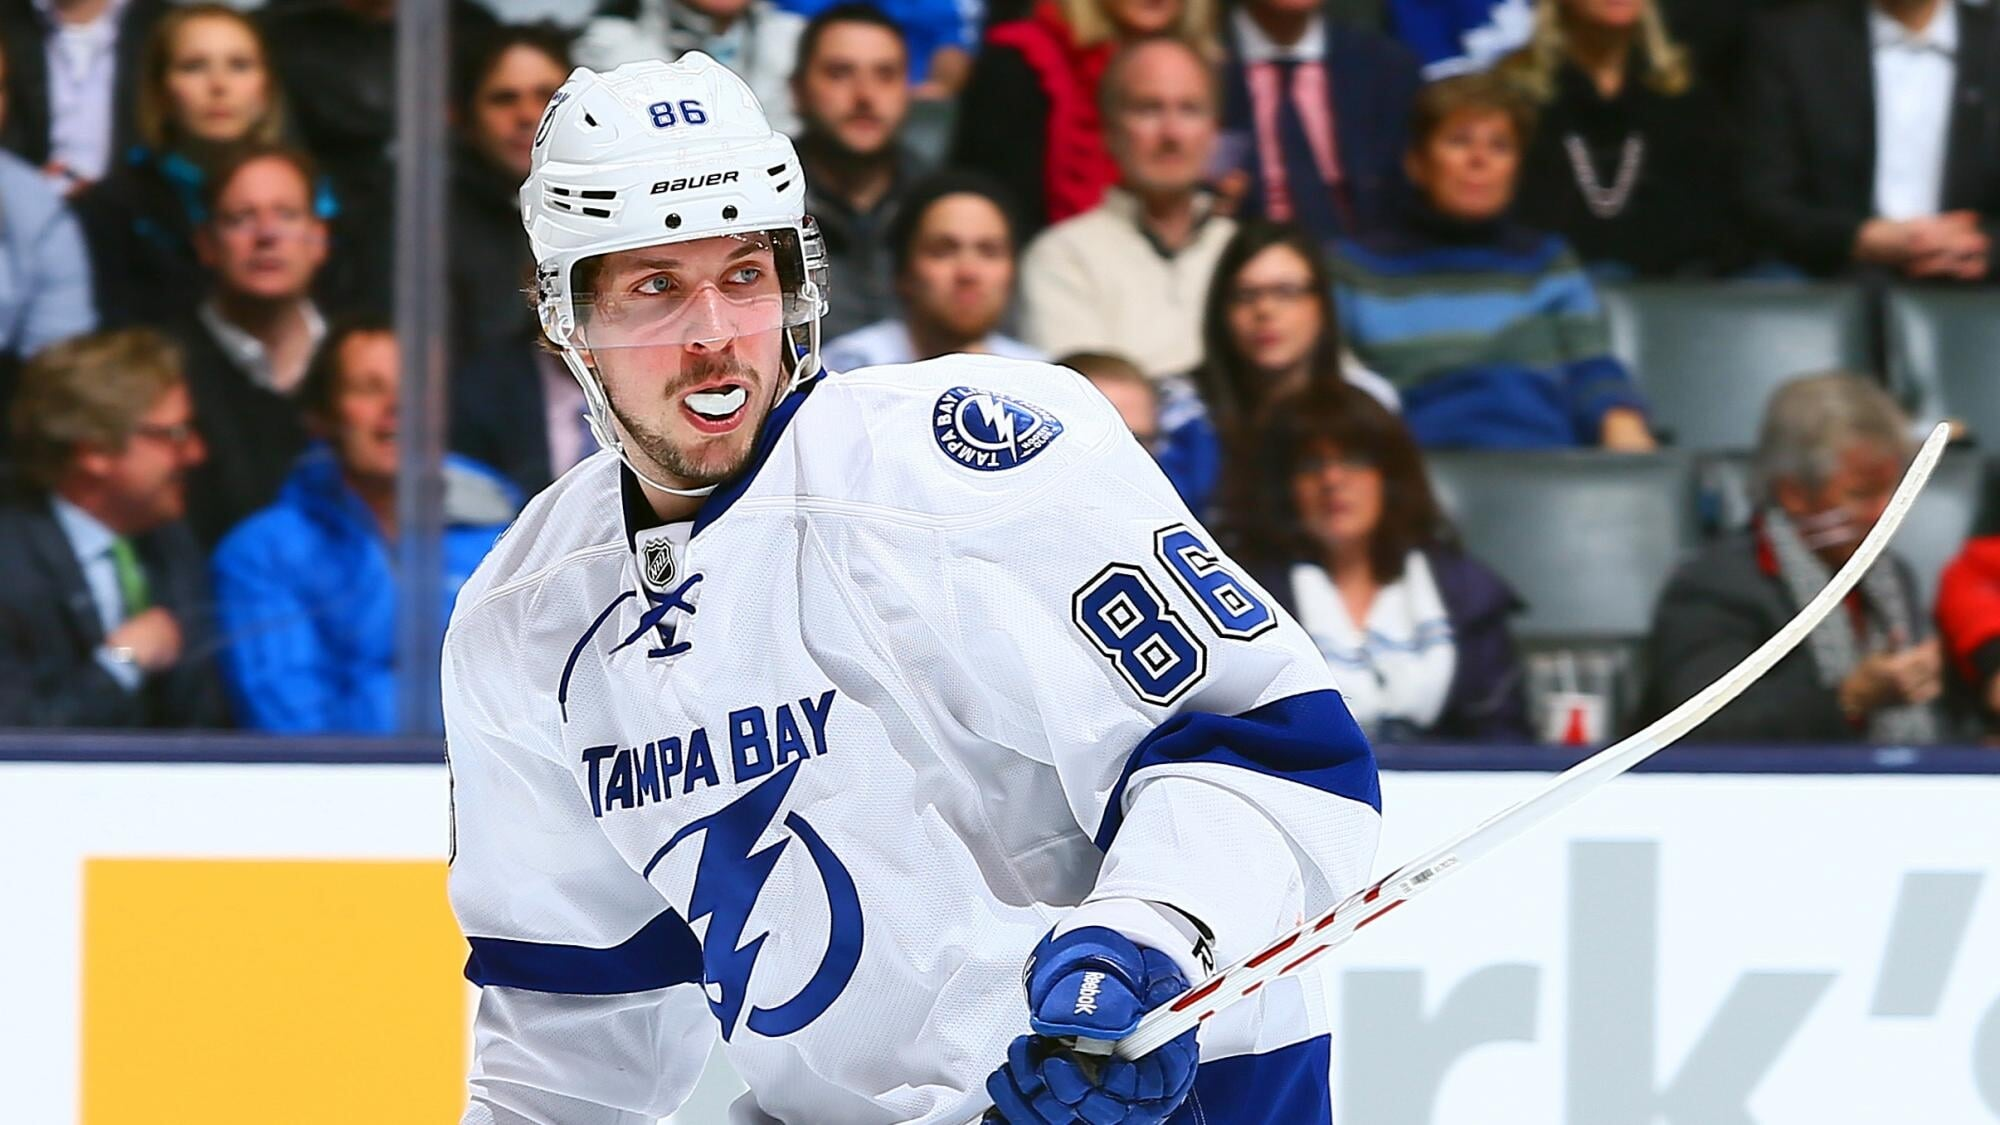 Кучеров – 4-й по очкам (117) среди россиян в истории плей-офф НХЛ. Он догнал Зубова, до Овечкина – 18 баллов